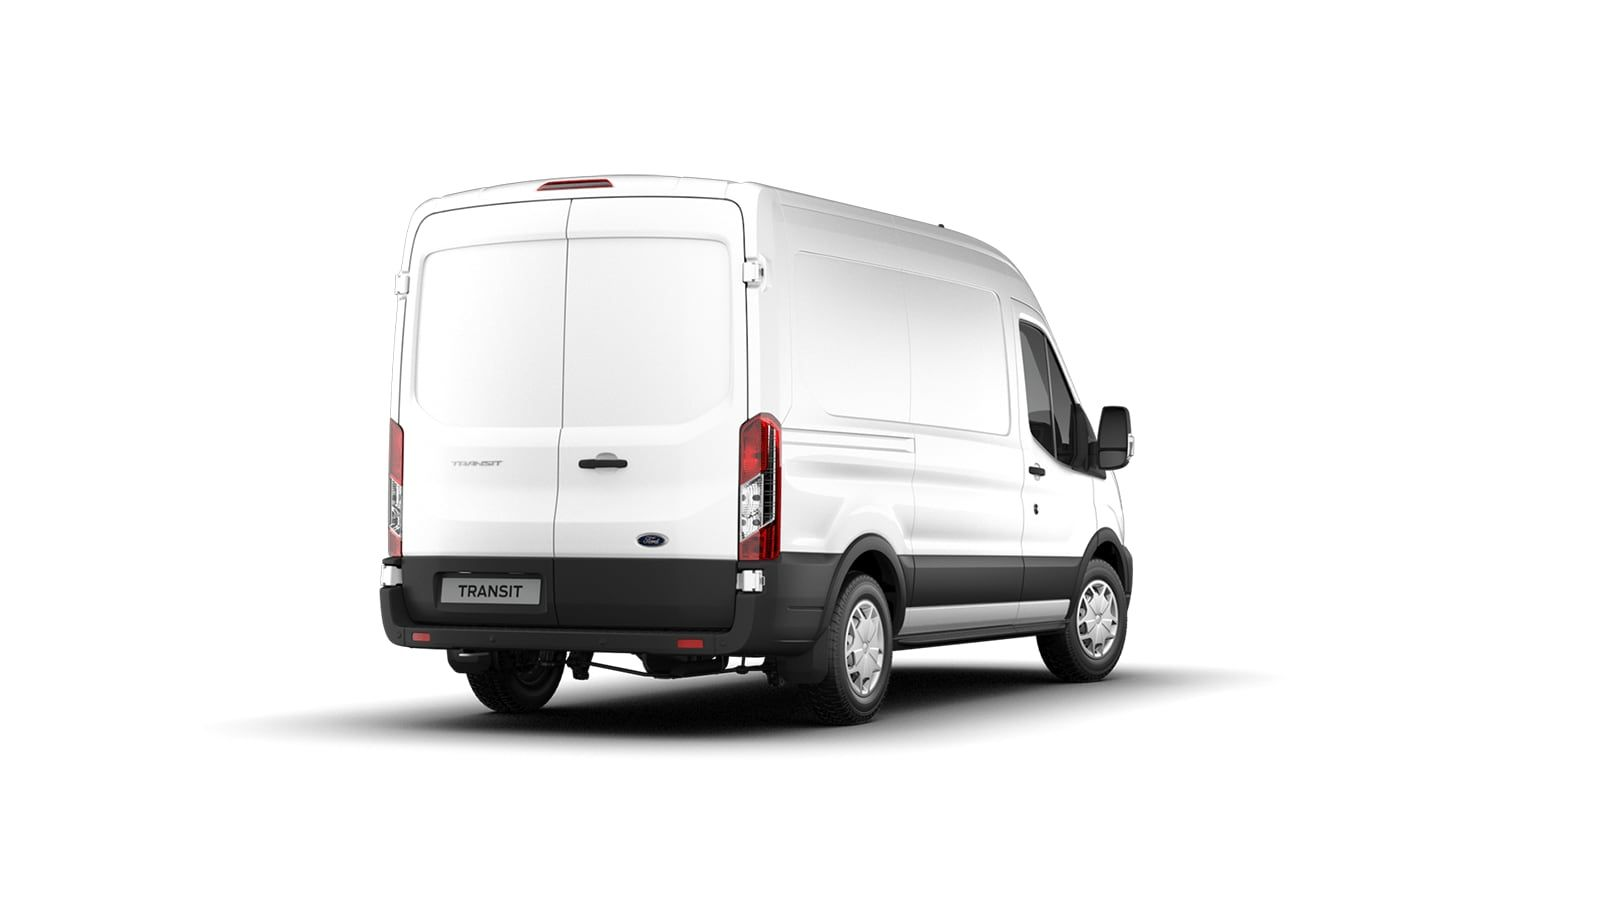 Nieuw Ford Transit 2t mca 350E Chassis enkele cabine L4 Trend/zonder laadbak M6 2.0 TD AXW - niet-metaalkleur: Frozen White 4